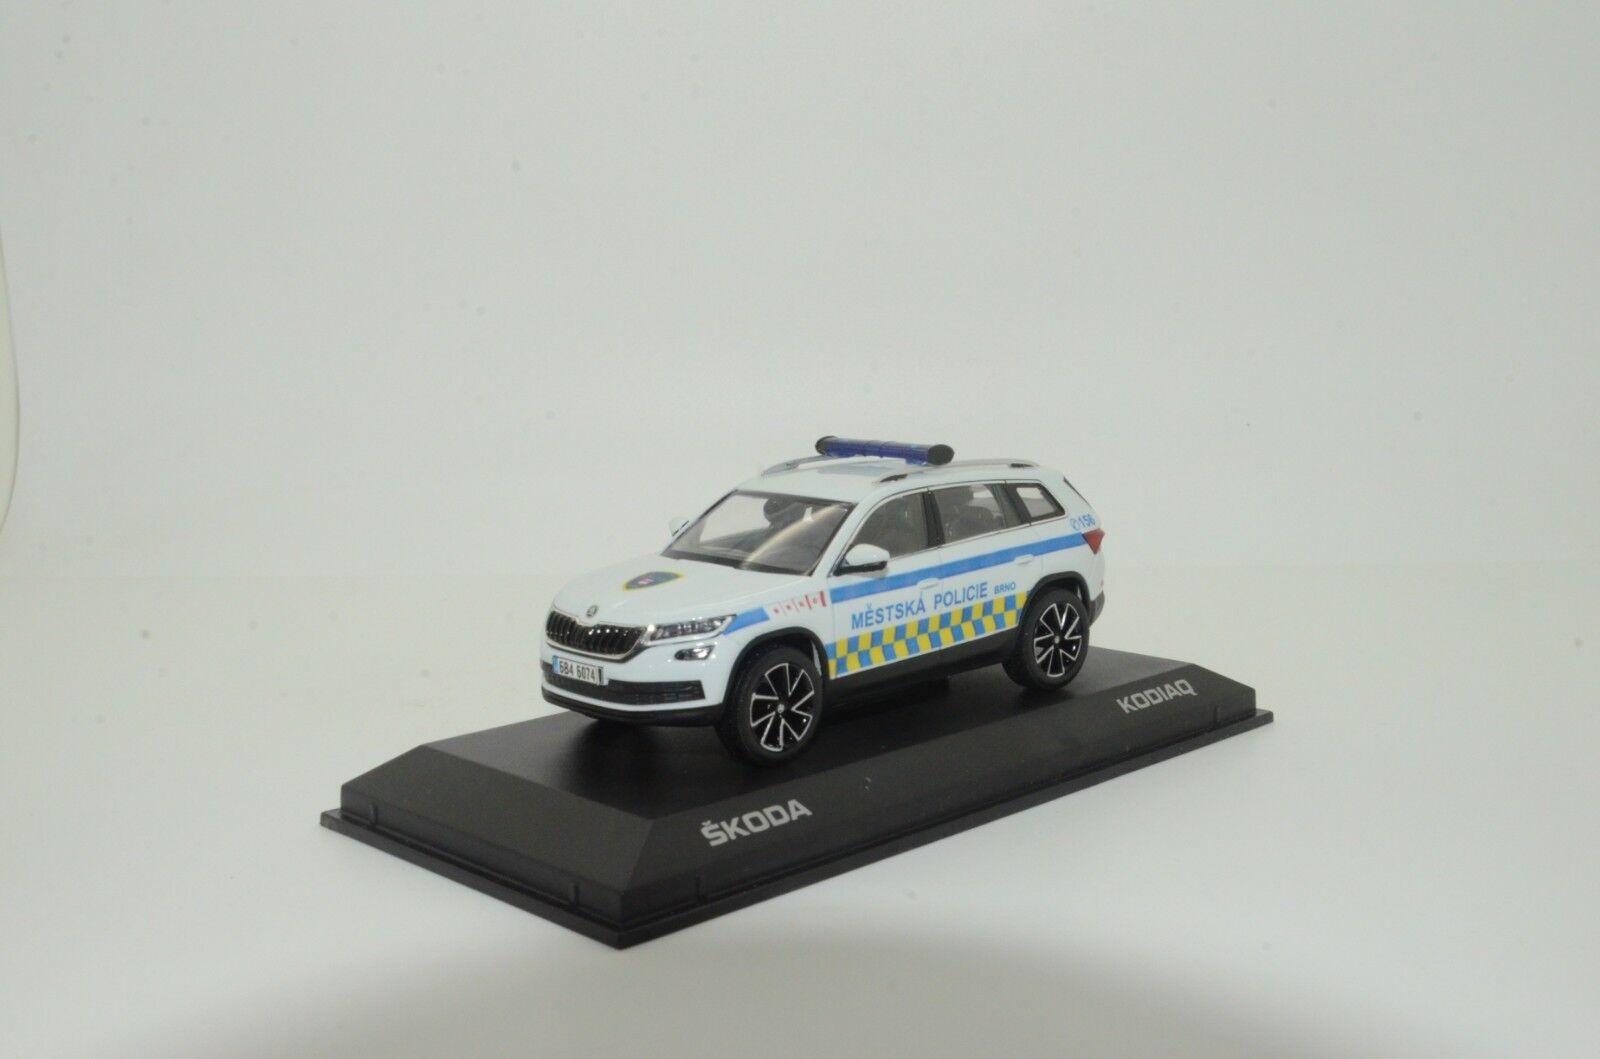 Rara Skoda kodiaq mestska POLICIE Brno policía Hecho a Medida 1 43